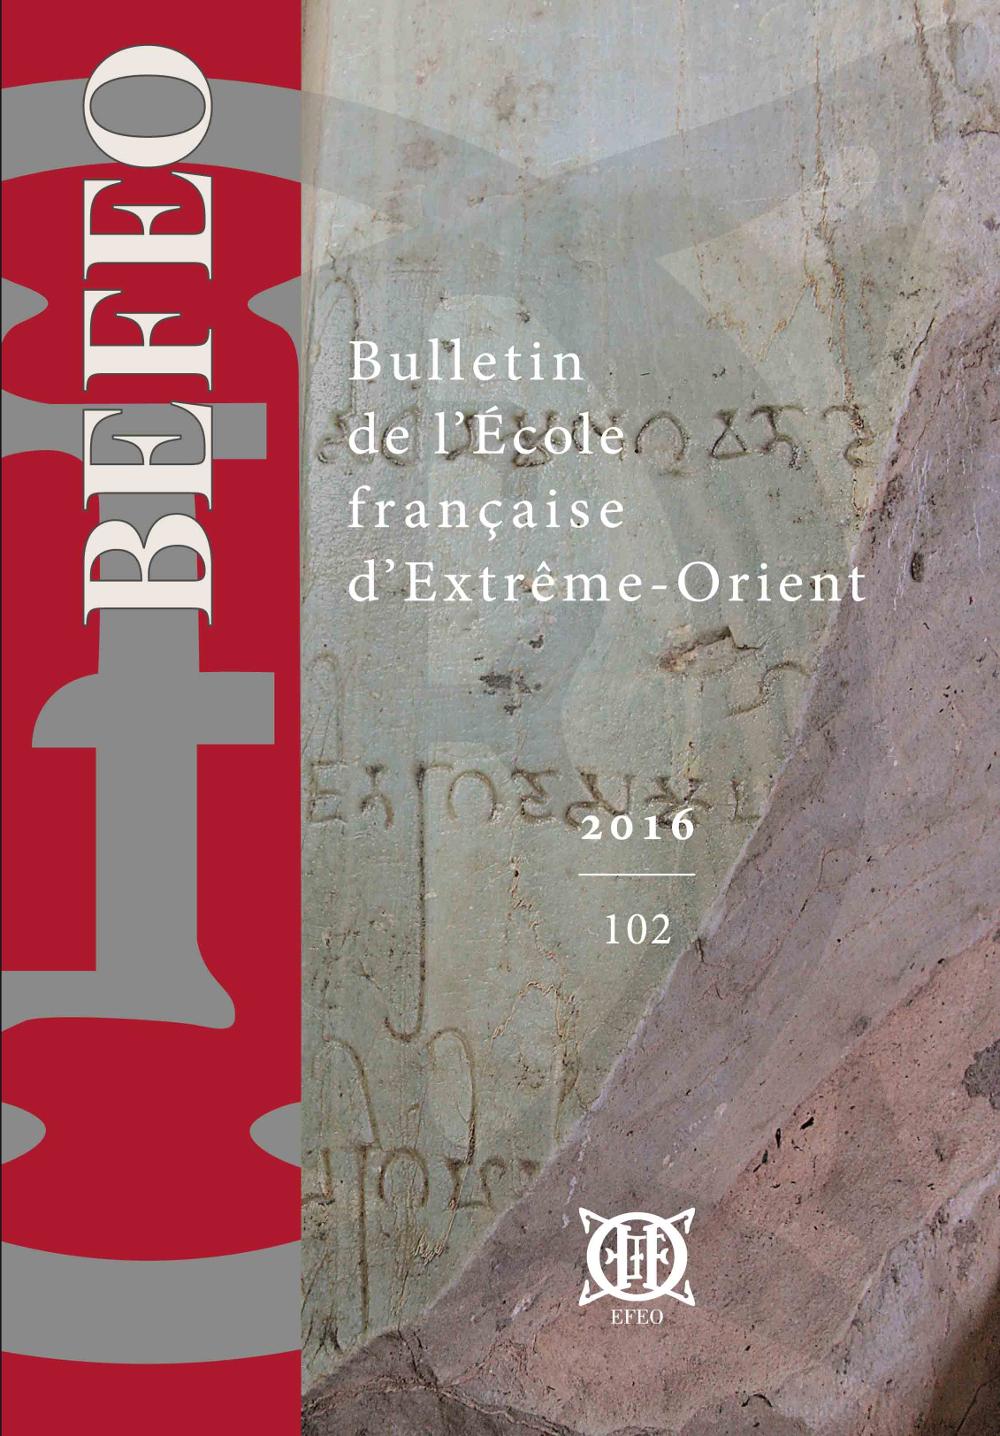 Bulletin de l'École française d'Extrême-Orient 102 (2016)